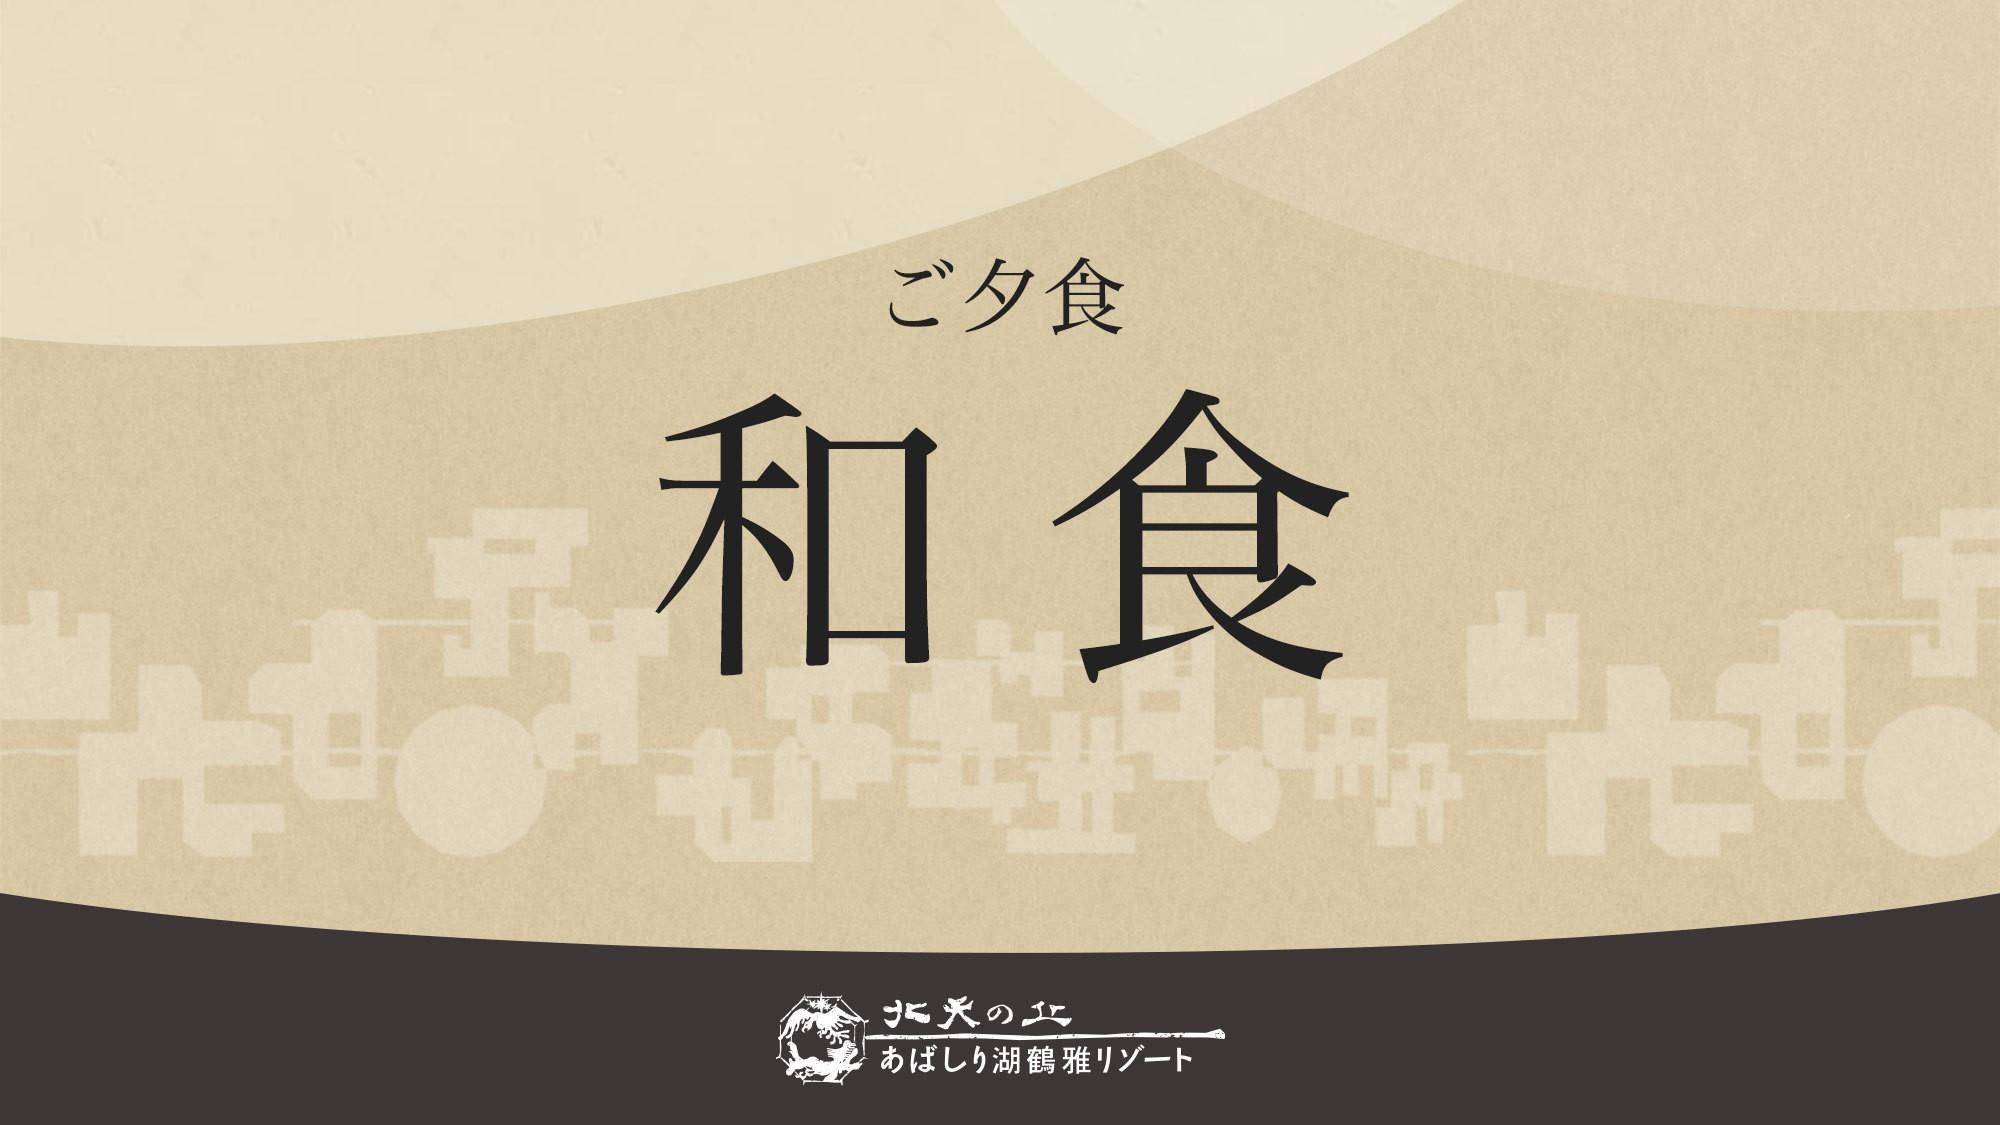 ◆ご夕食「和食」/海の幸や近隣の農産物を中心にした和食会席を、四季に合わせたお献立でご用意。